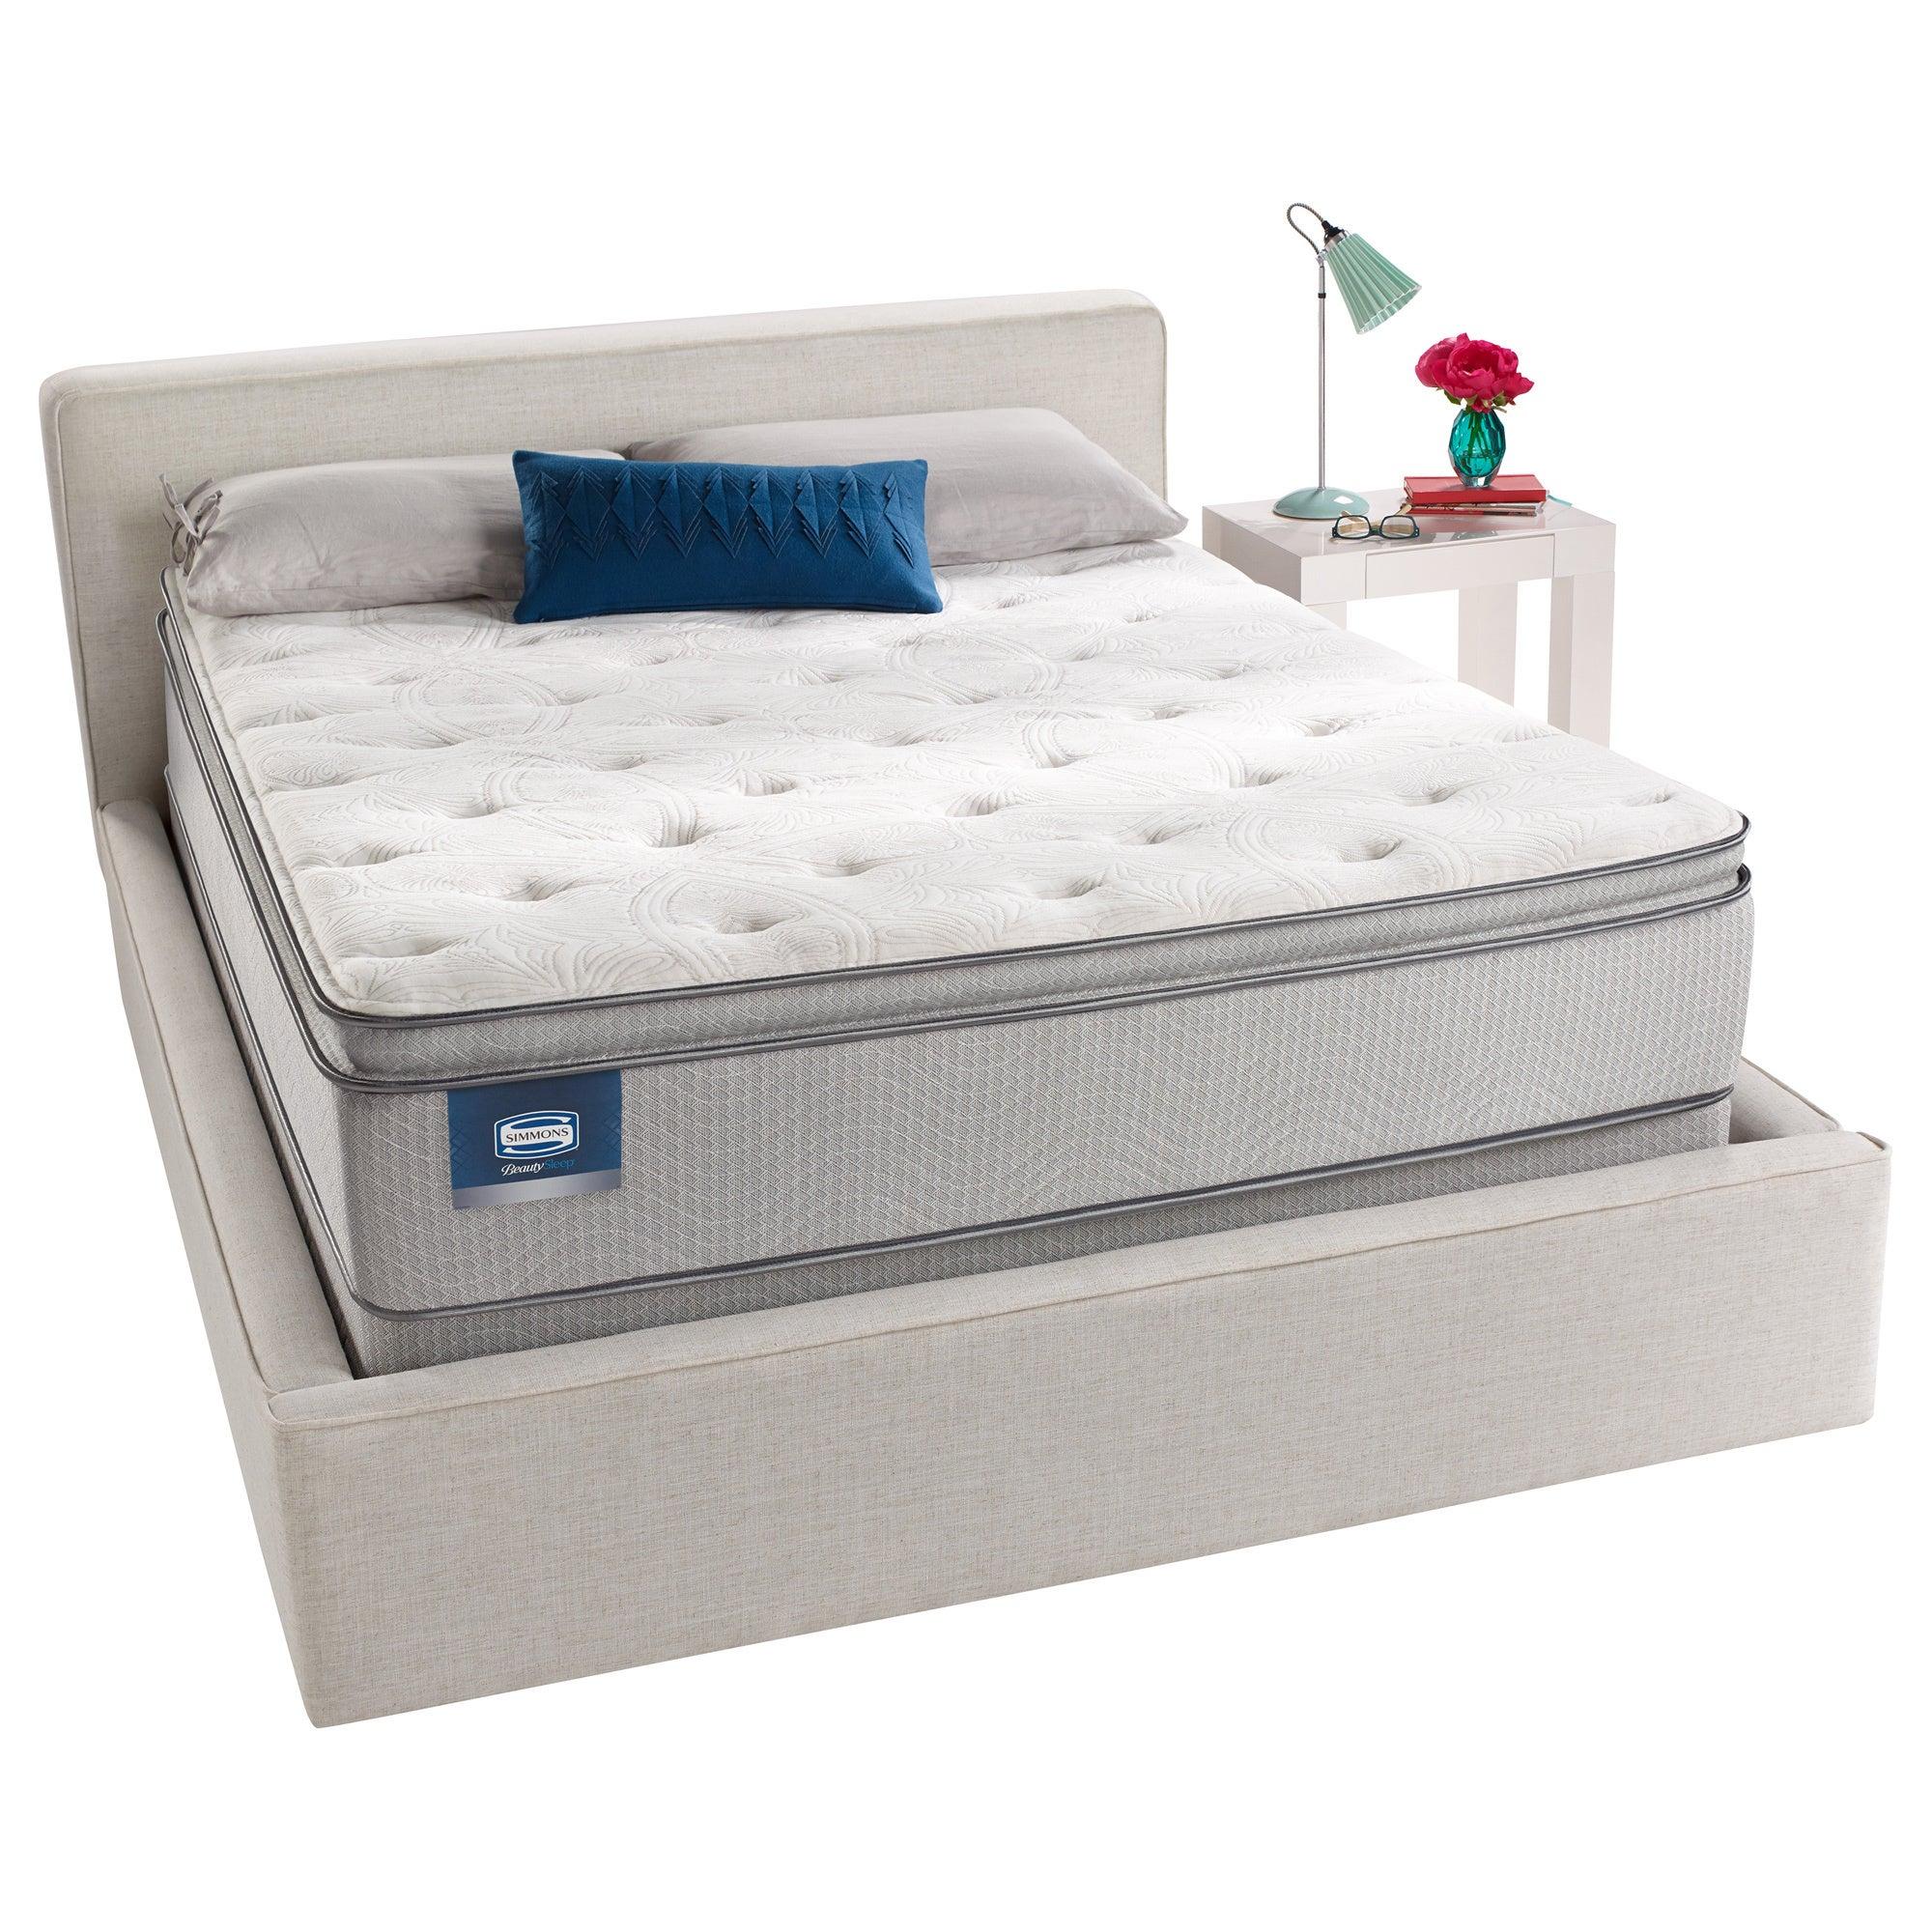 Simmons BeautySleep Titus Pillow Top Queen size Mattress Set